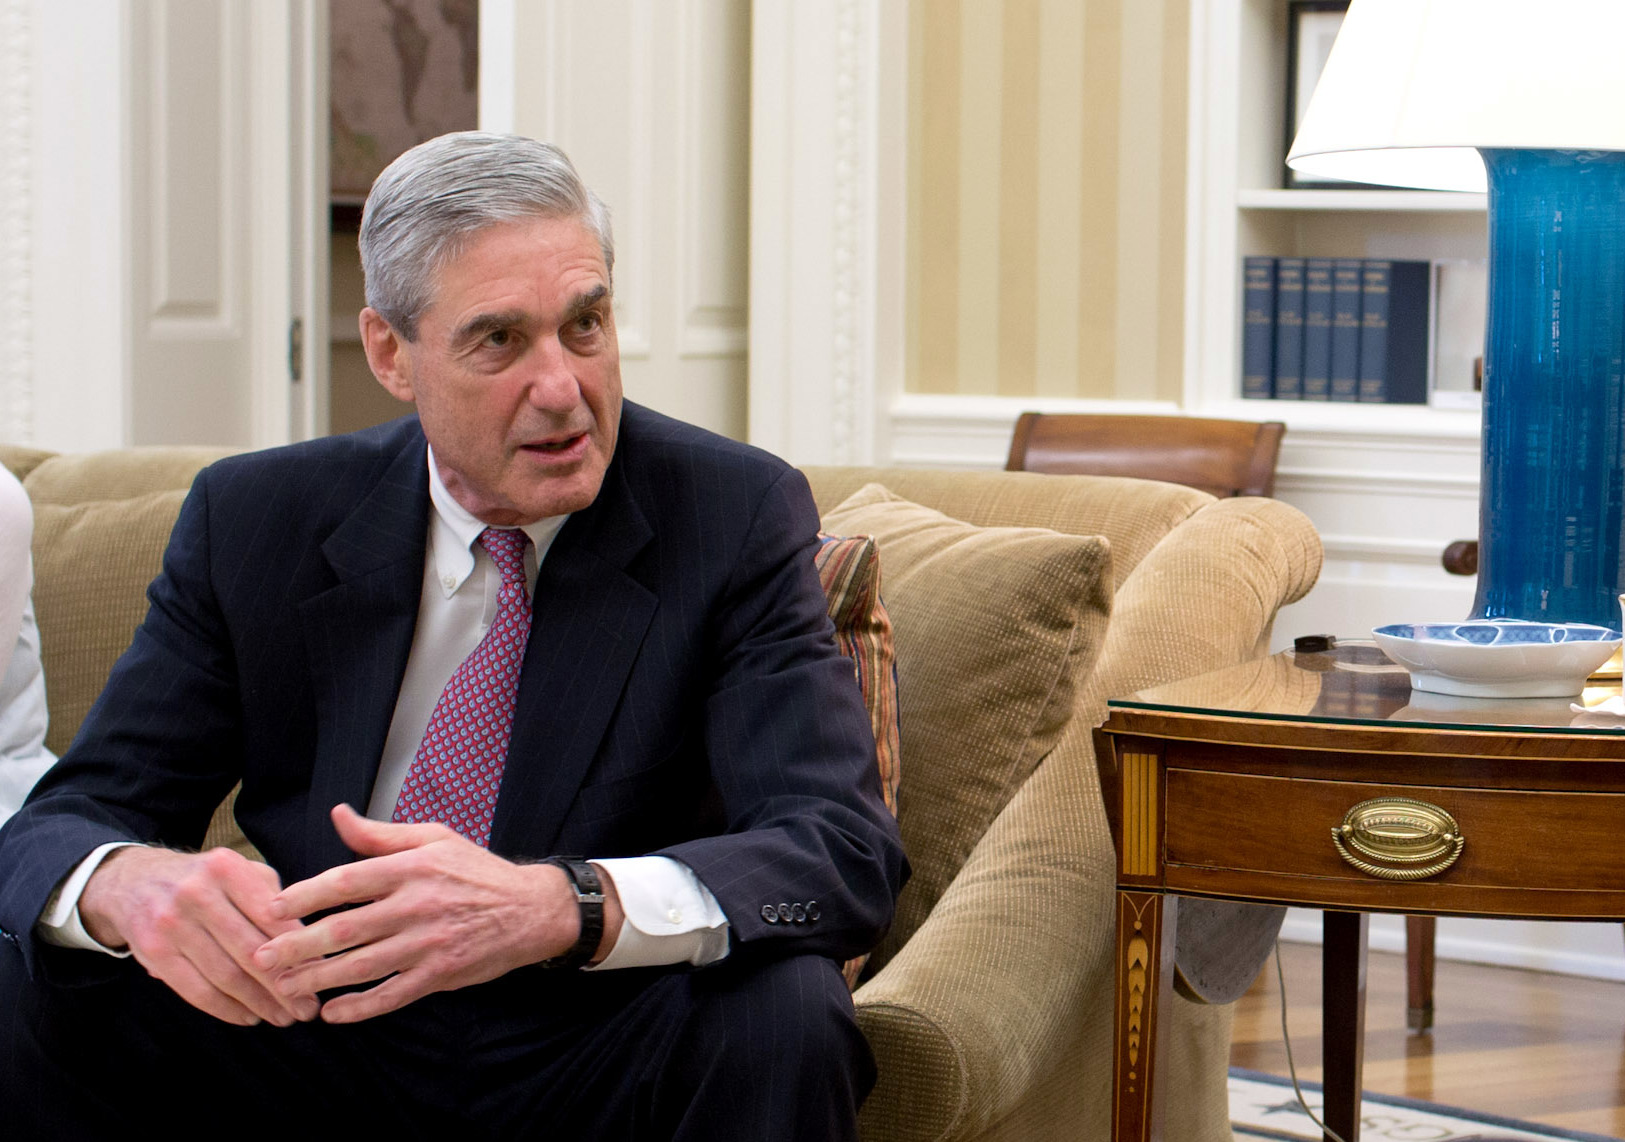 Robert_Mueller,_2012